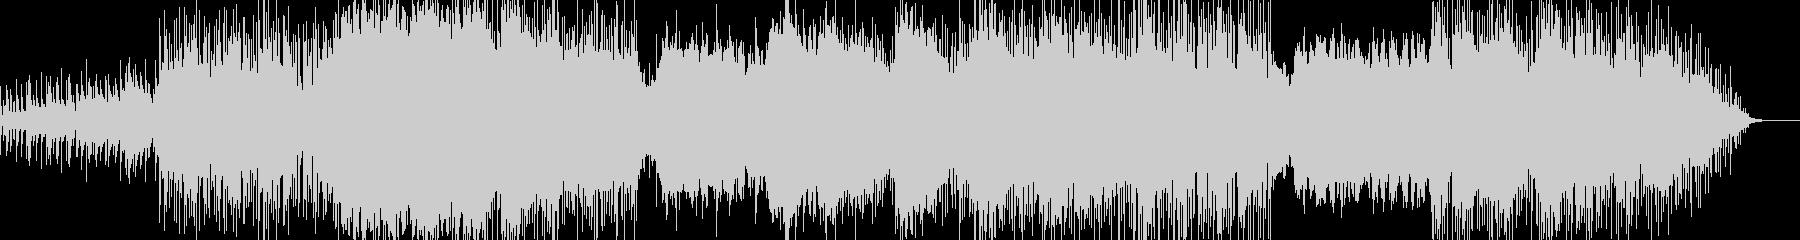 アンビエント・ヴォイスの未再生の波形